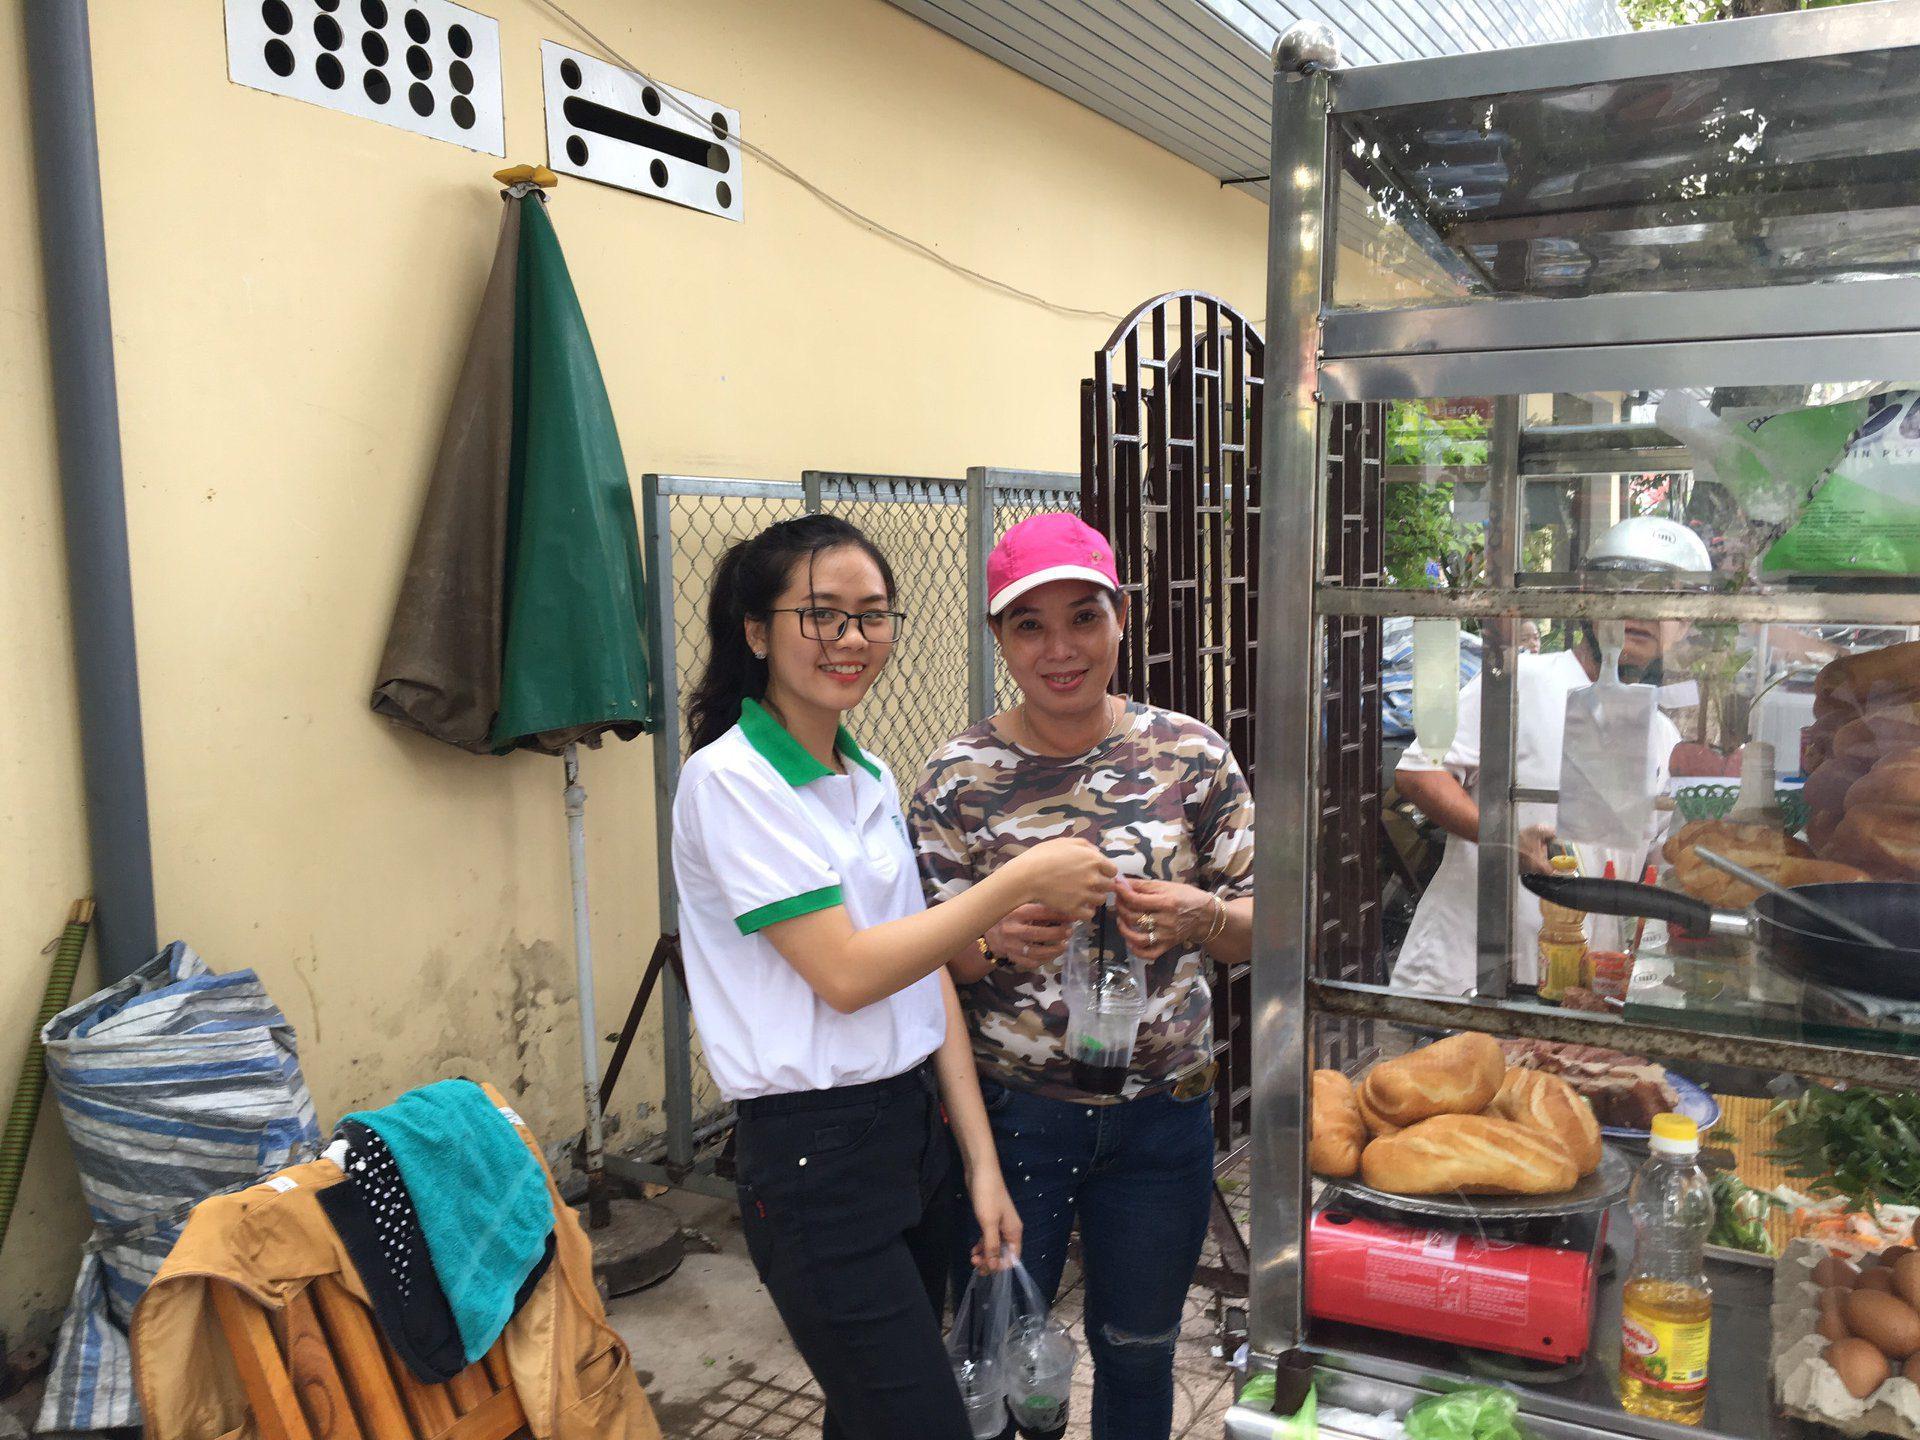 67404153 898765967127194 1714510516036042752 o - 2 Brothers Coffee - Quán cafe hot nhất Cao Lãnh - Đồng Tháp